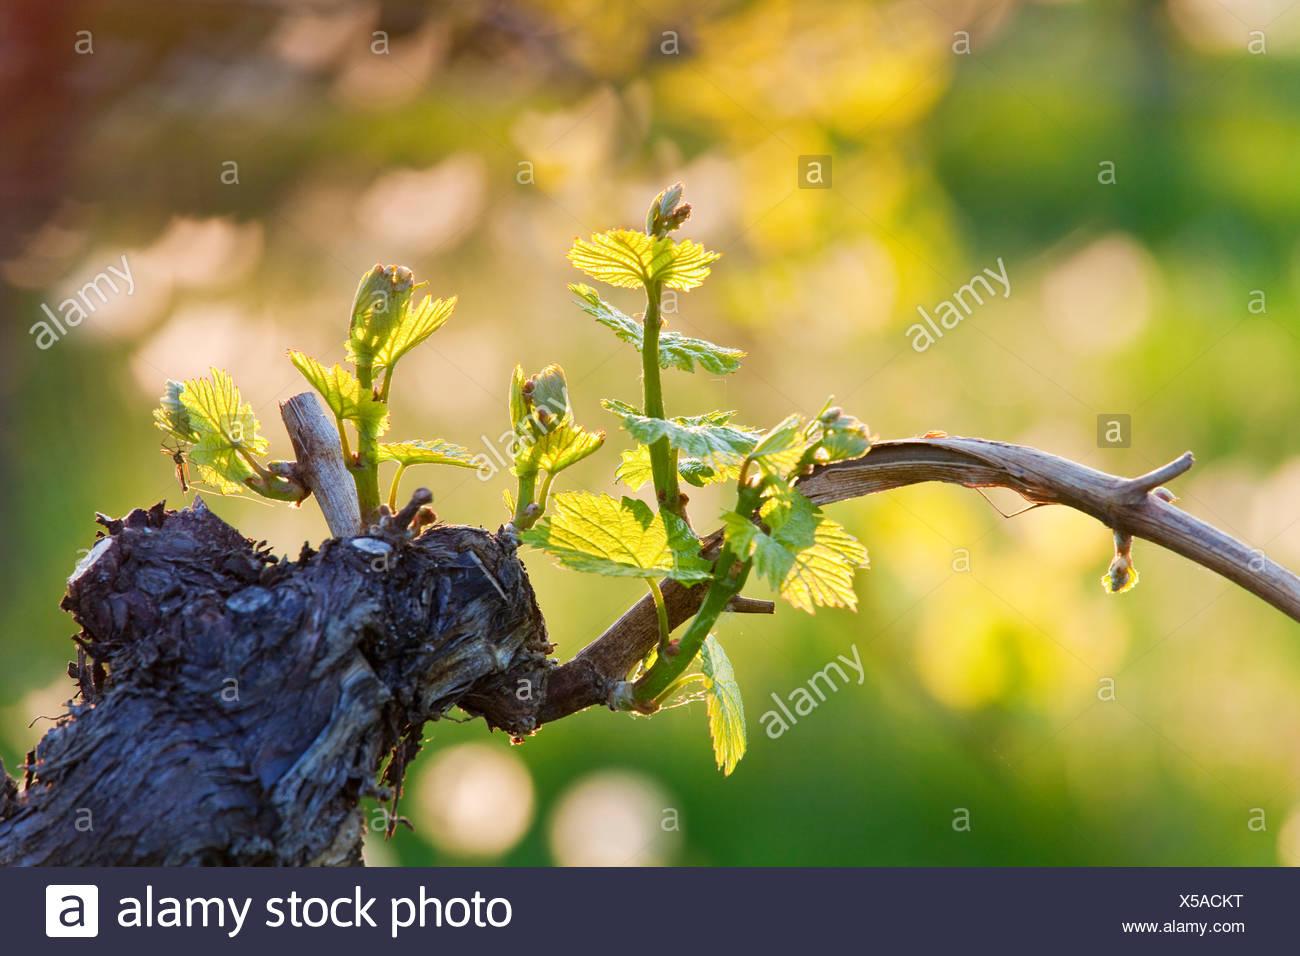 Junge Triebe auf eine Rebe Branch, Straden, Österreich, Nahaufnahme Stockbild